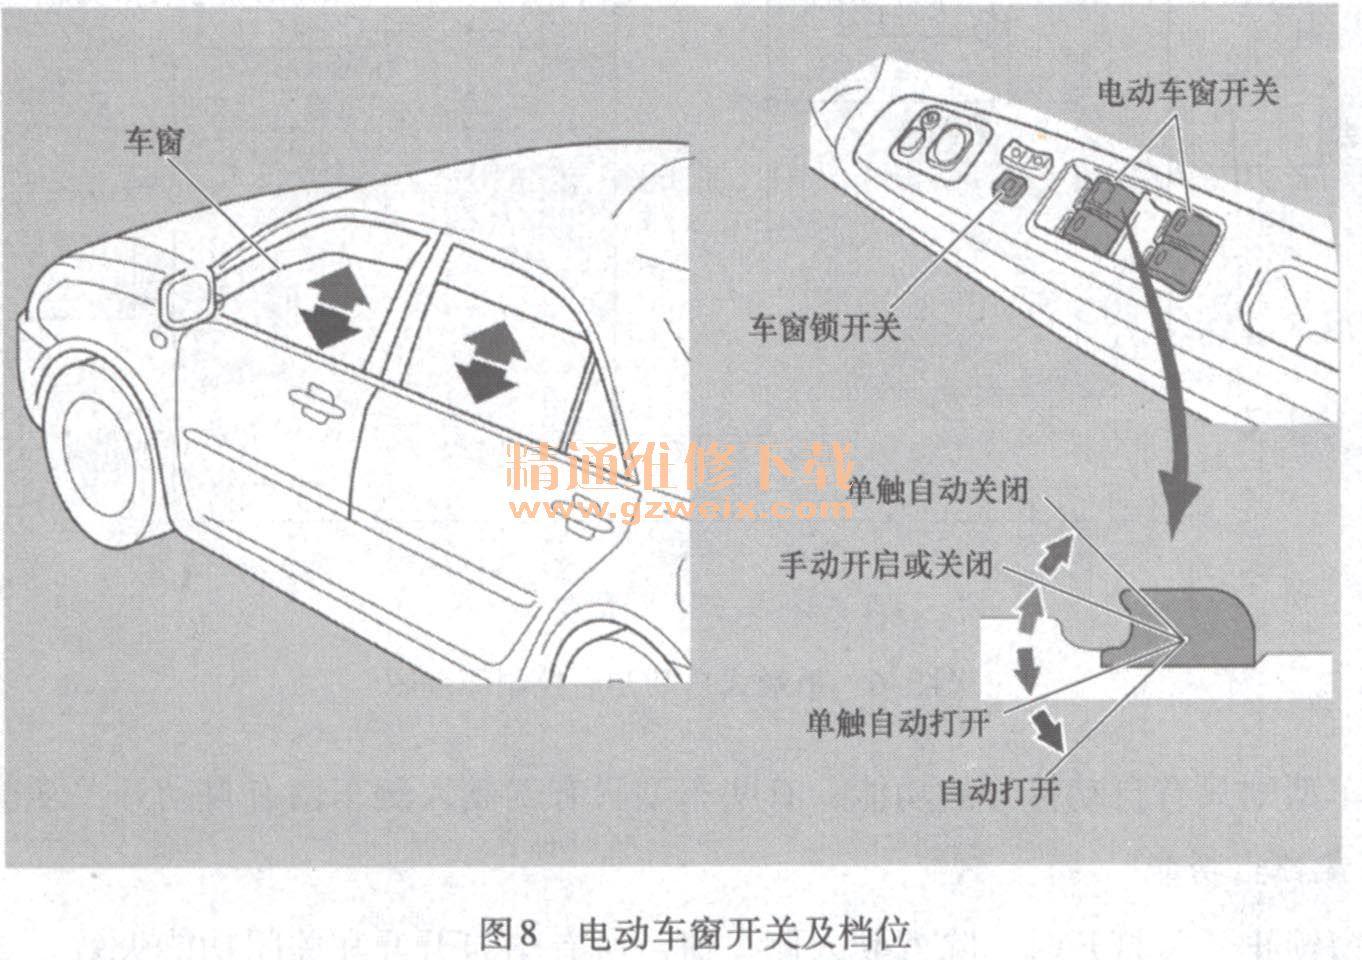 电动车窗开关及档位如图8所示. 详解汽车电动车窗与天窗初高清图片